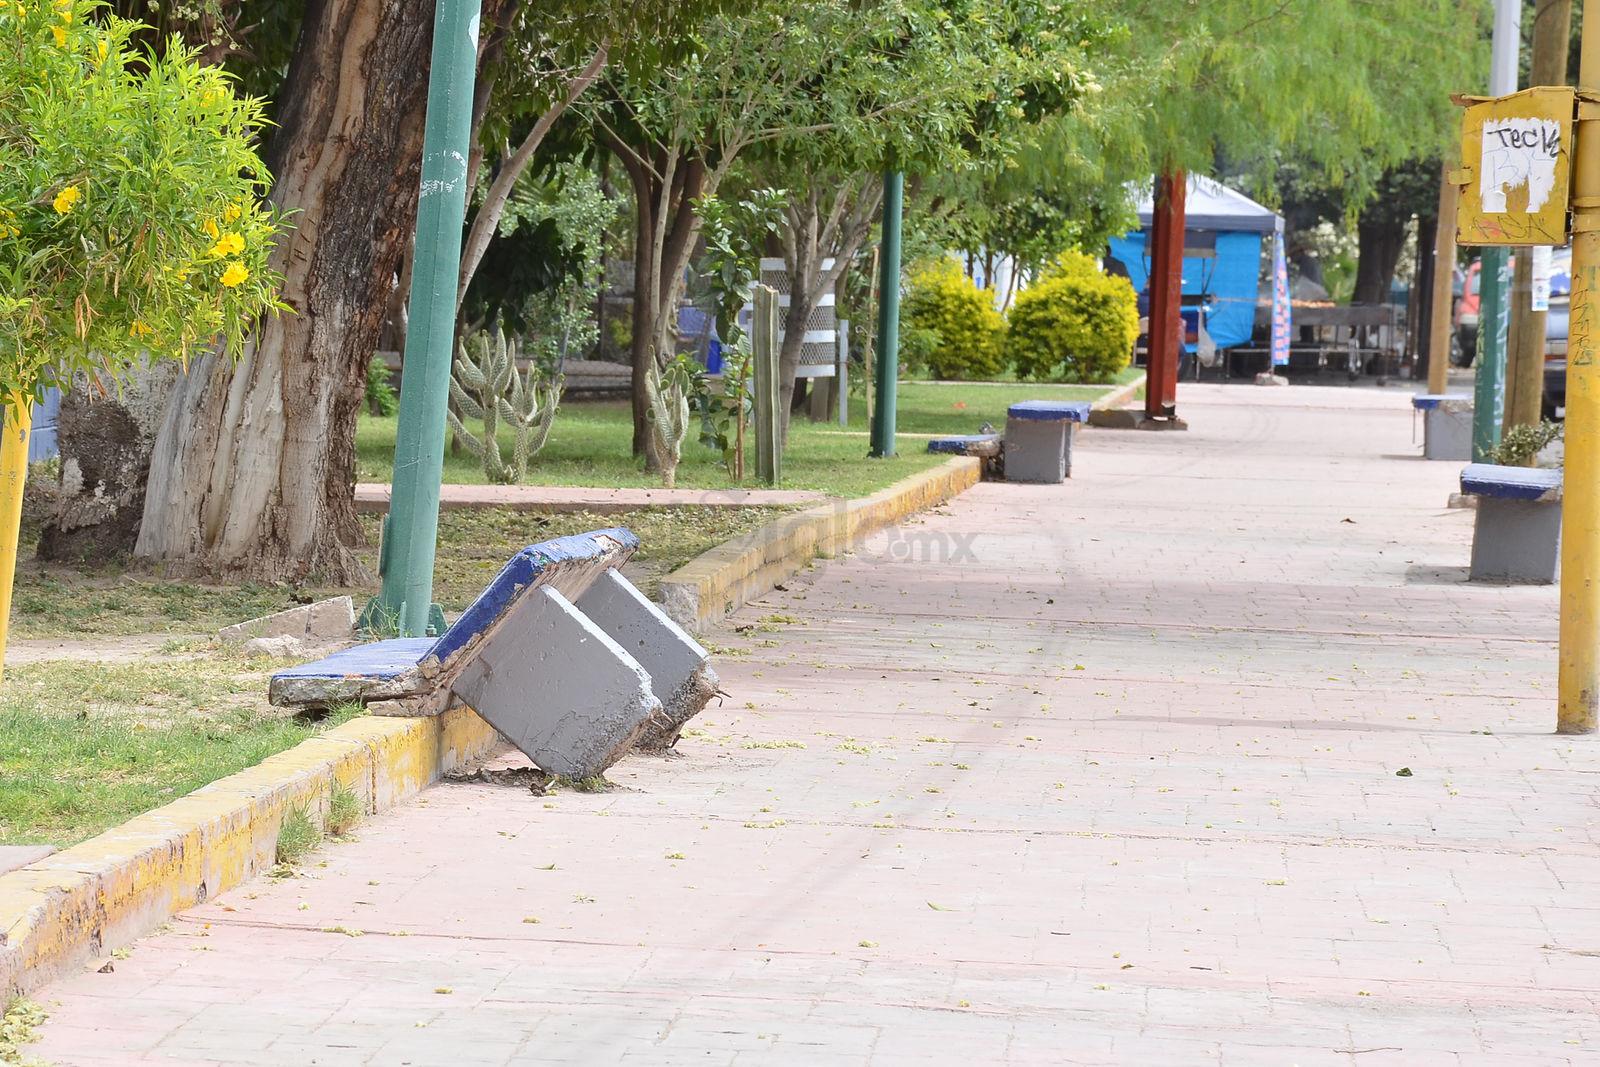 Las bancas de concreto, recién pintadas, localizadas en plaza de la colonia Moderna (Calle 5 de Mayo y Valdés Carrillo) lucen completamente dañadas.